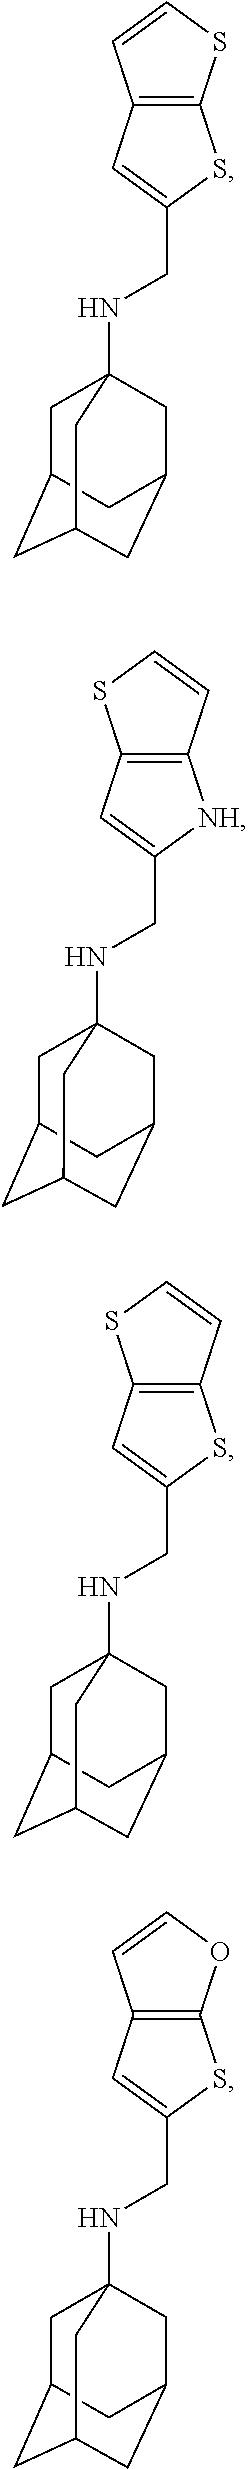 Figure US09884832-20180206-C00022